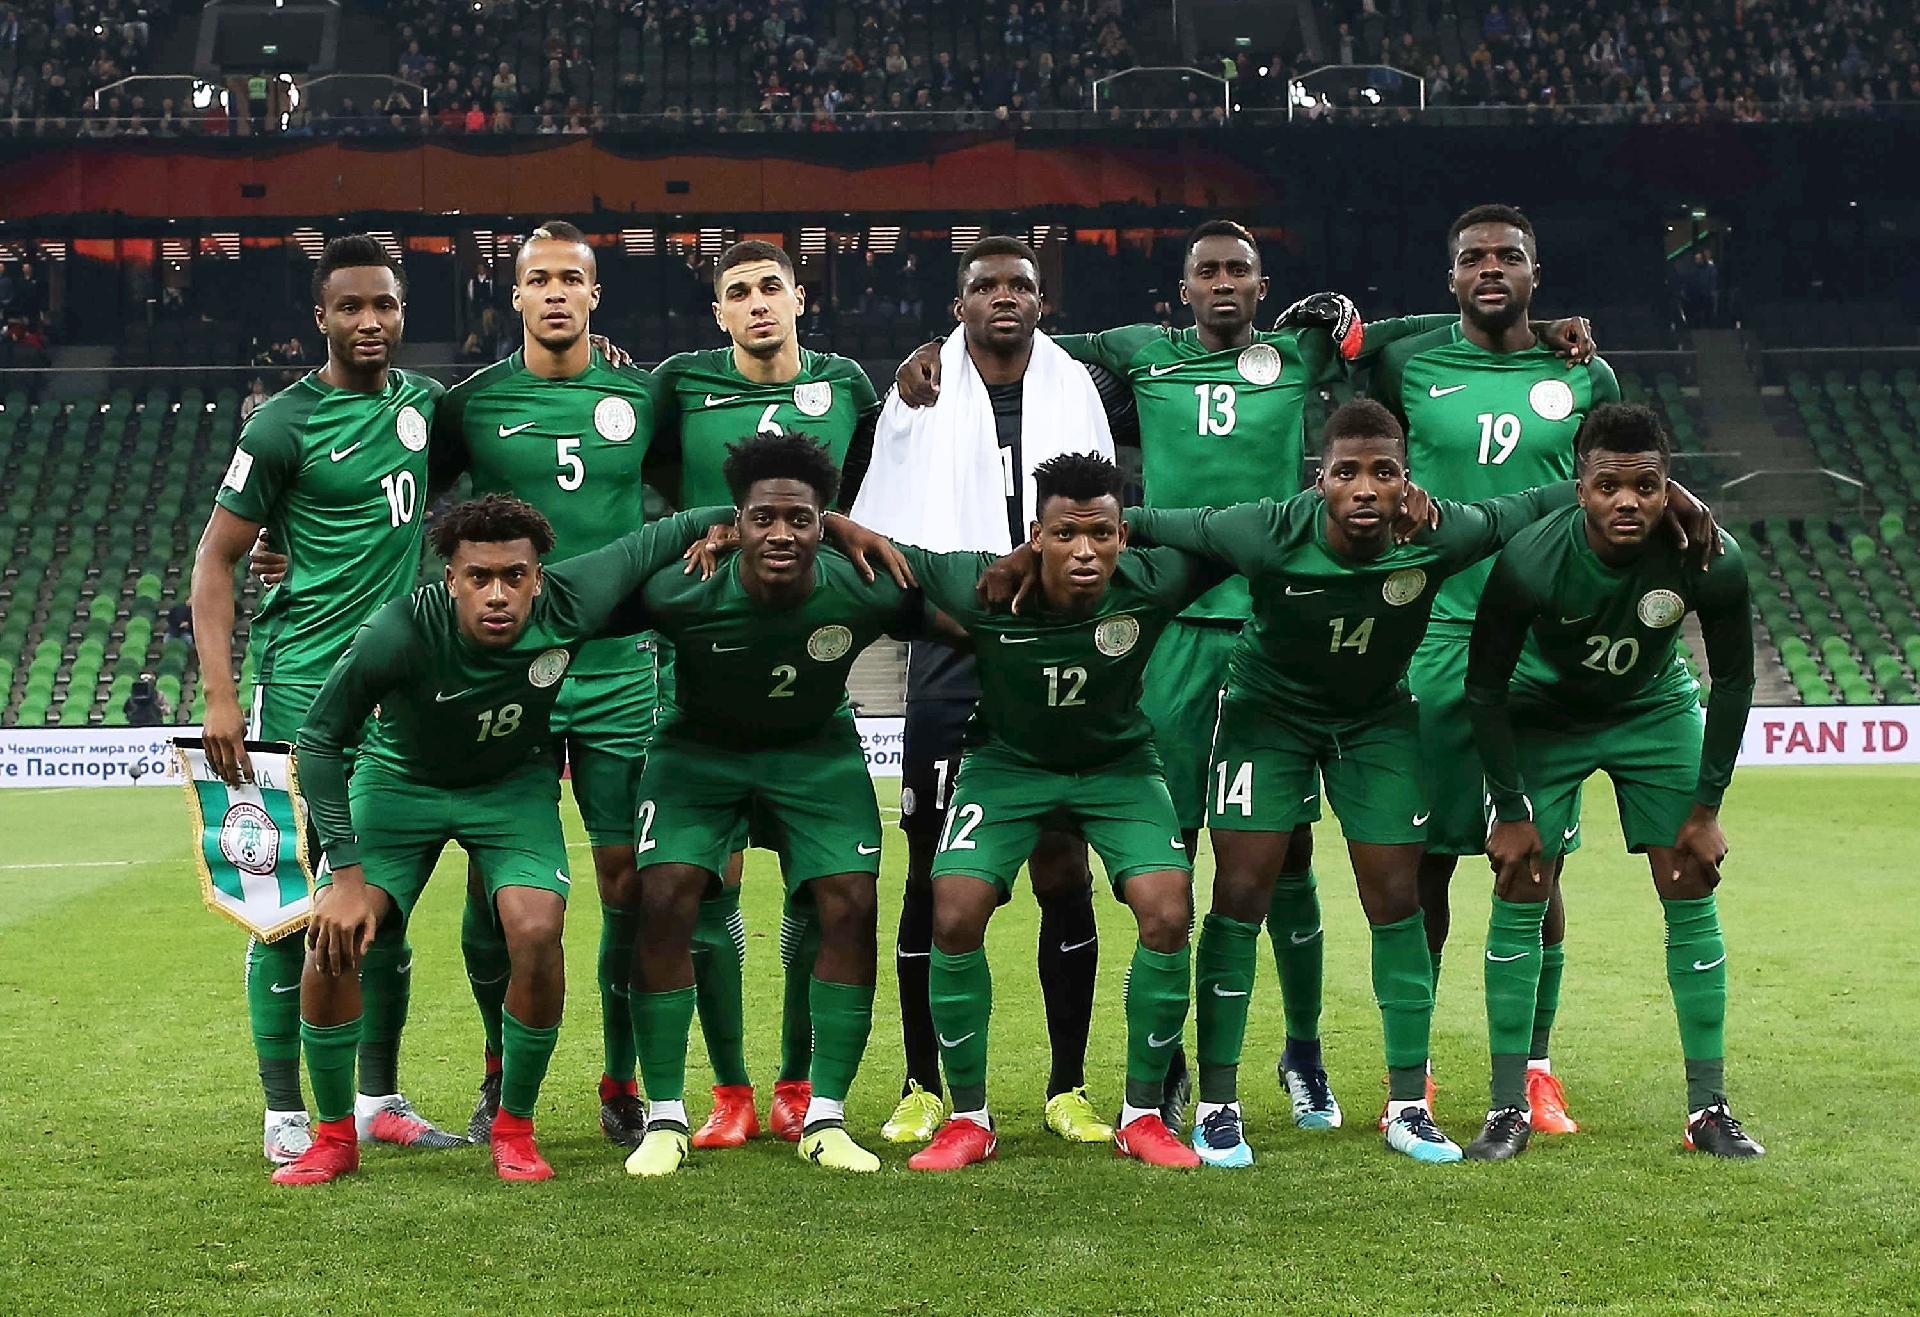 b269a78860ac8 Copa do Mundo 2018  Nigéria longe da Nigéria  seleção tem base que nunca  jogou em seu país - UOL Copa do Mundo 2018